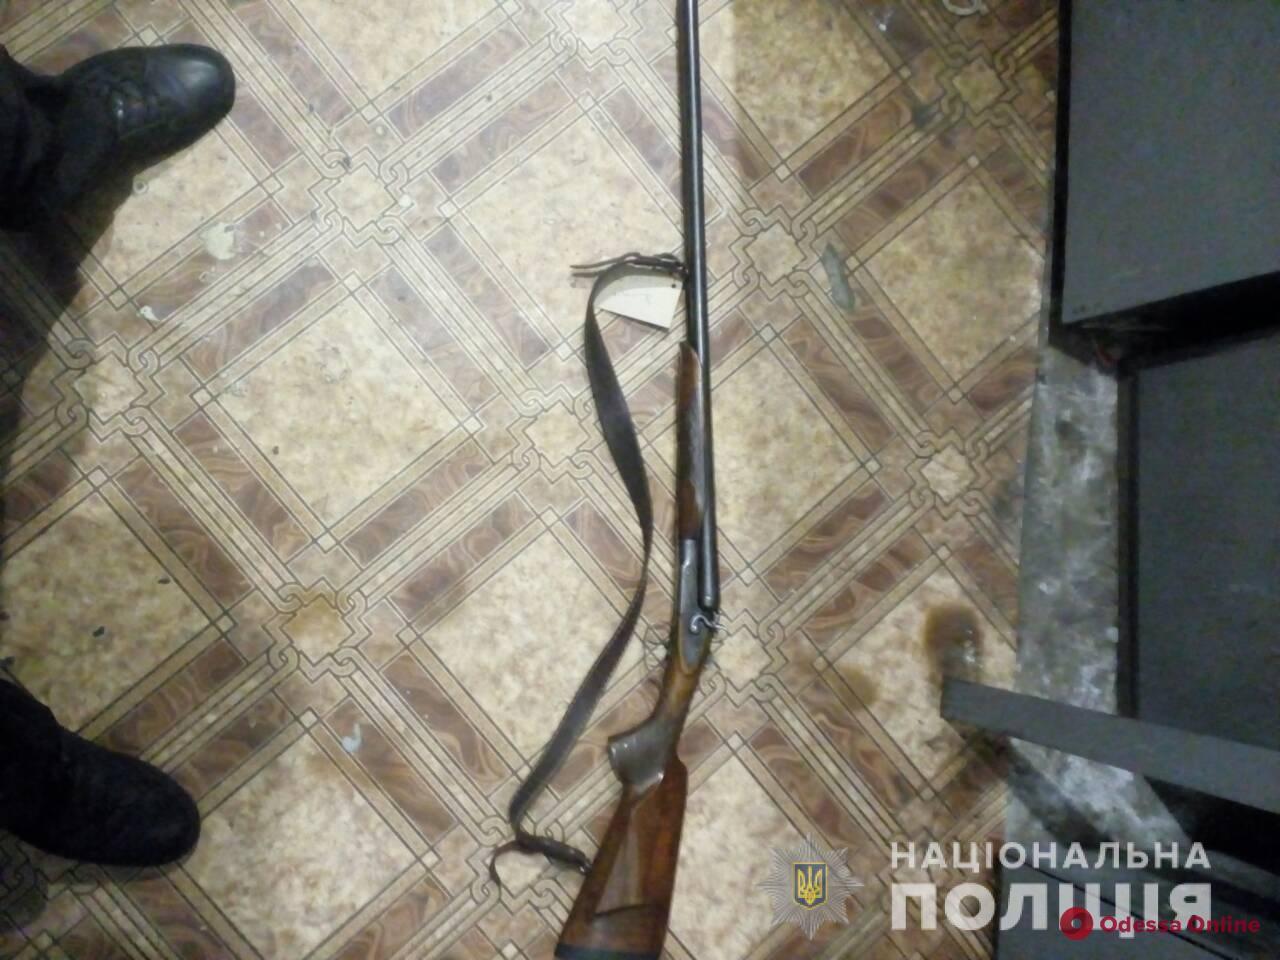 Остался после мужа: жительница Одесской области сдала в полицию снаряд